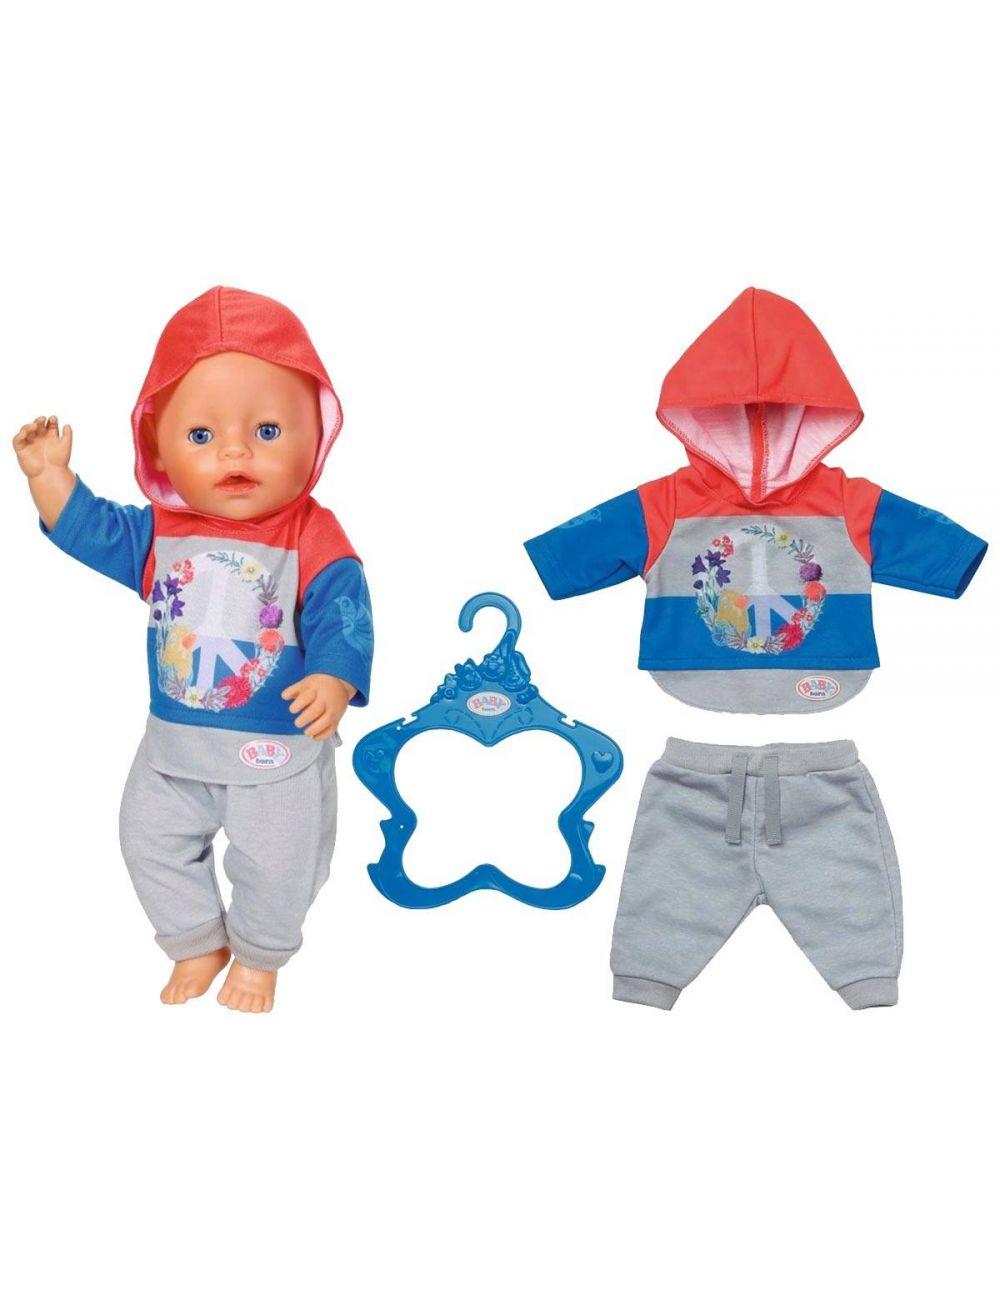 Baby Born Modny Dresik Ubranko Casualowe Niebieski 826980